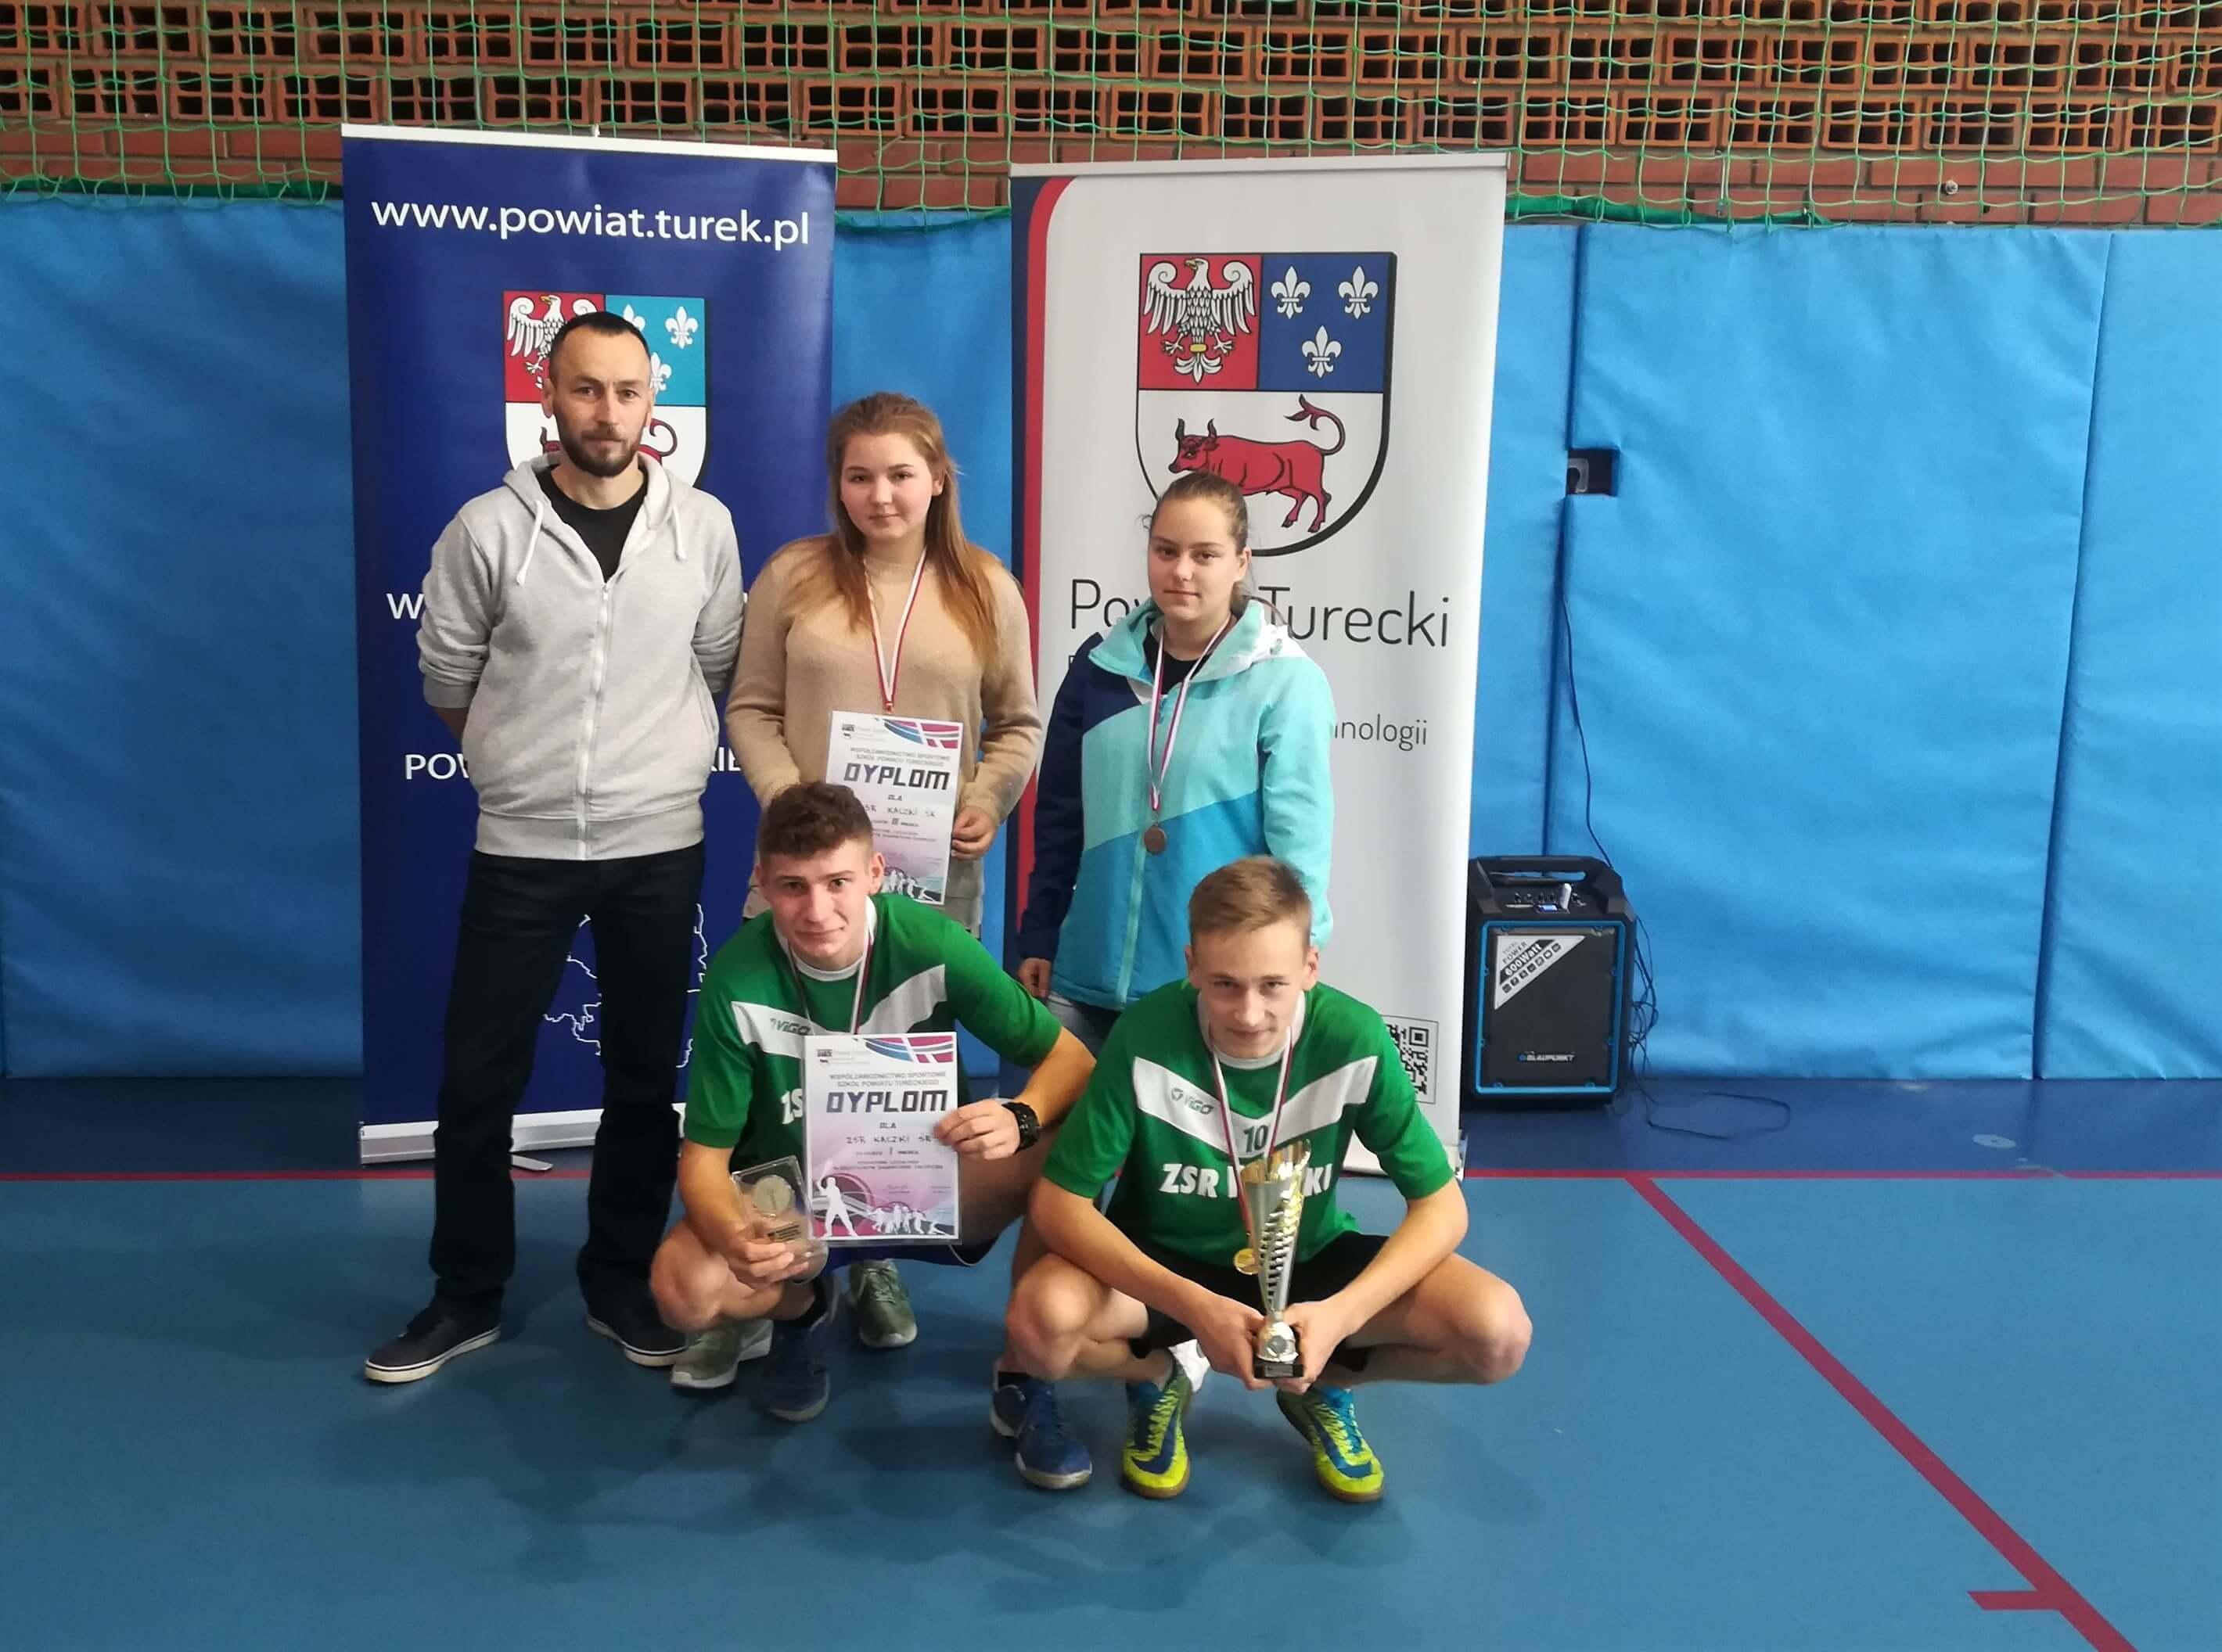 Badmintoniści ZSR CKP wicemistrzami powiatu